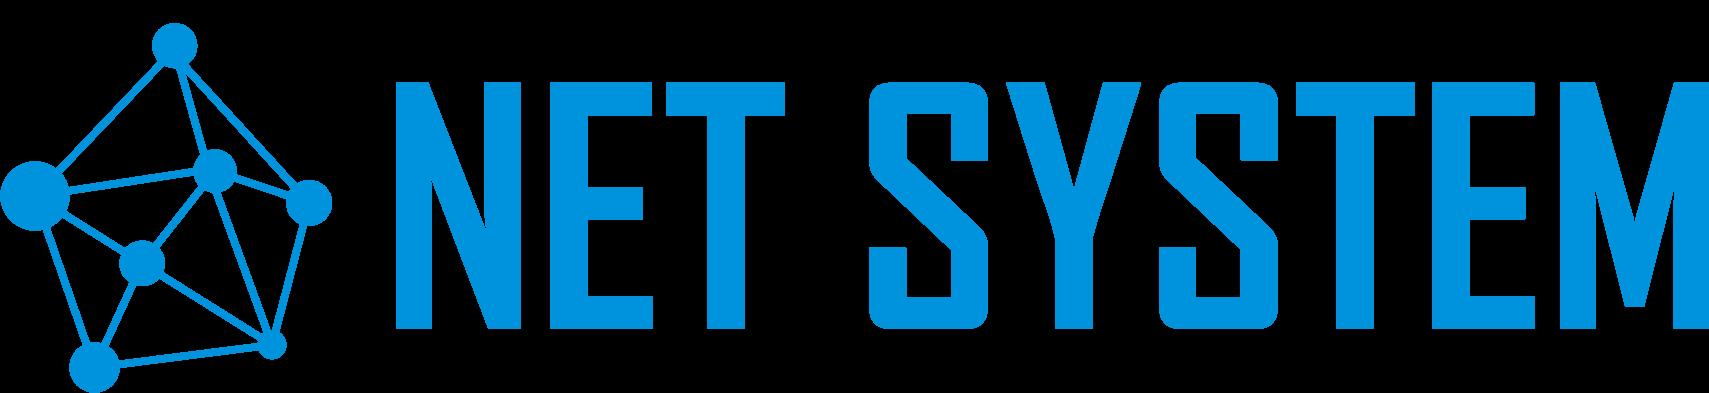 NET-SYSTEM Katarzyna Darul